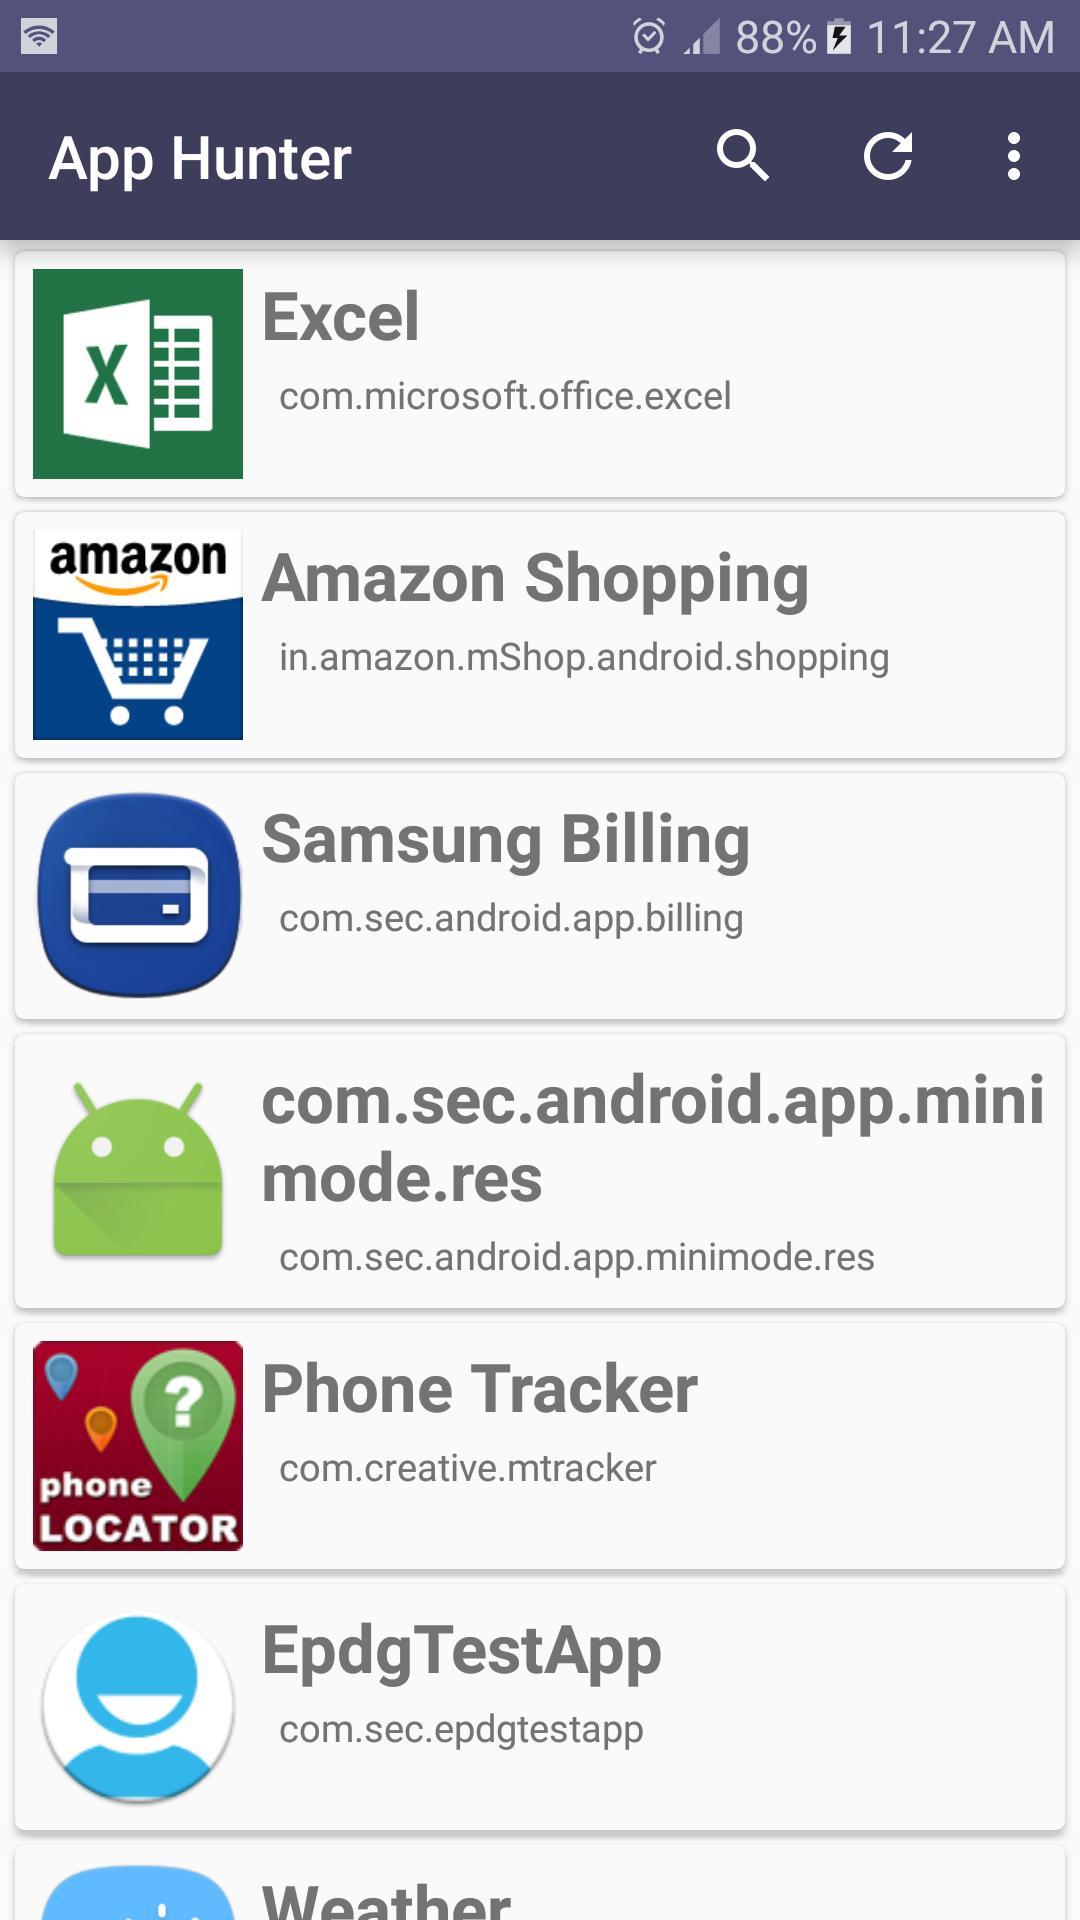 Epdg Test App